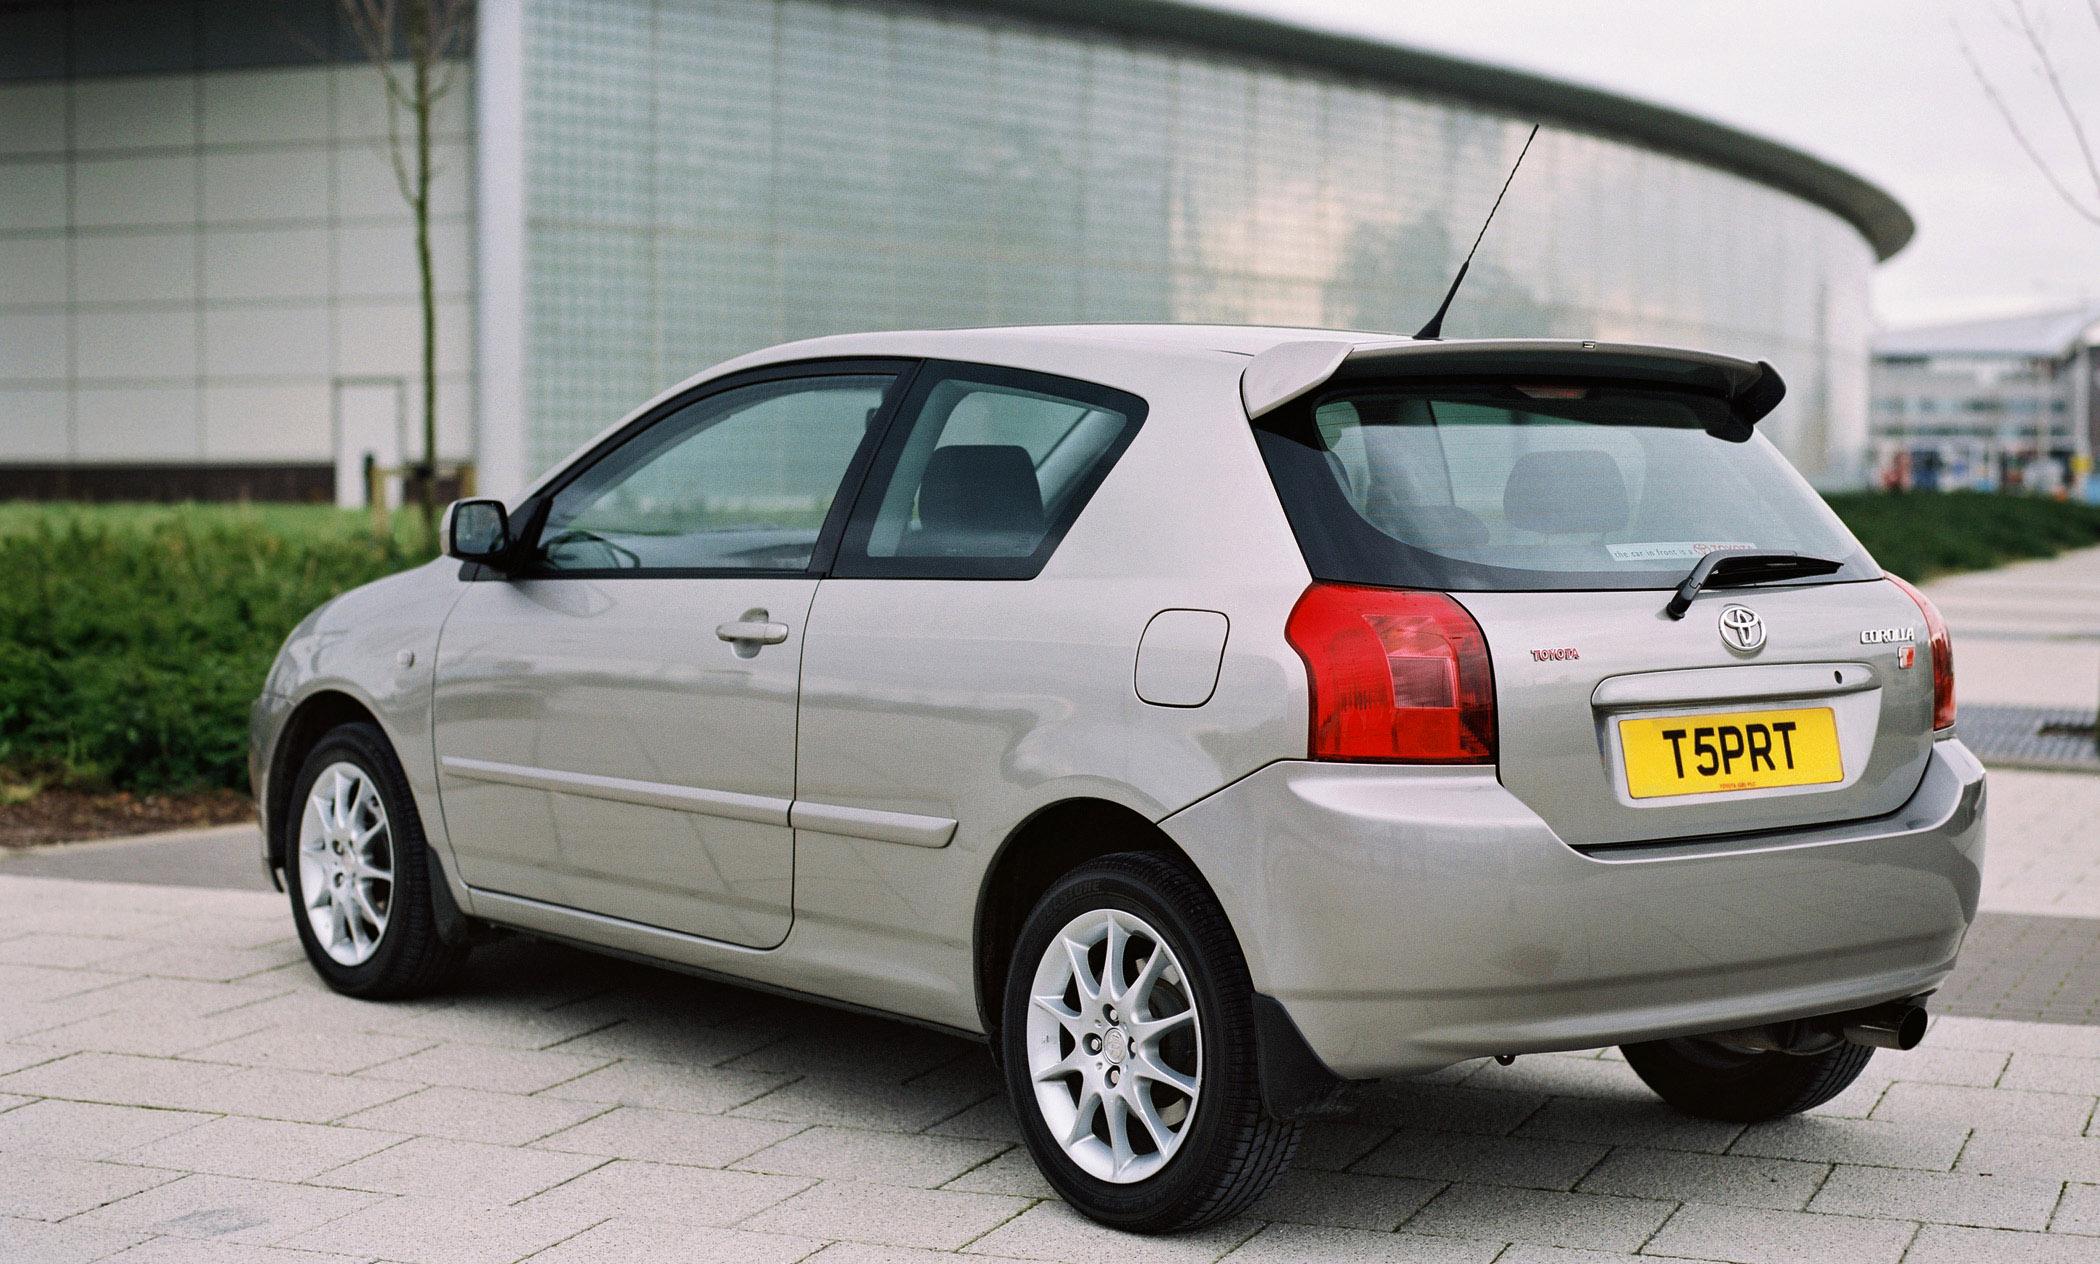 2002 Toyota Corolla T Sport - Picture 76993